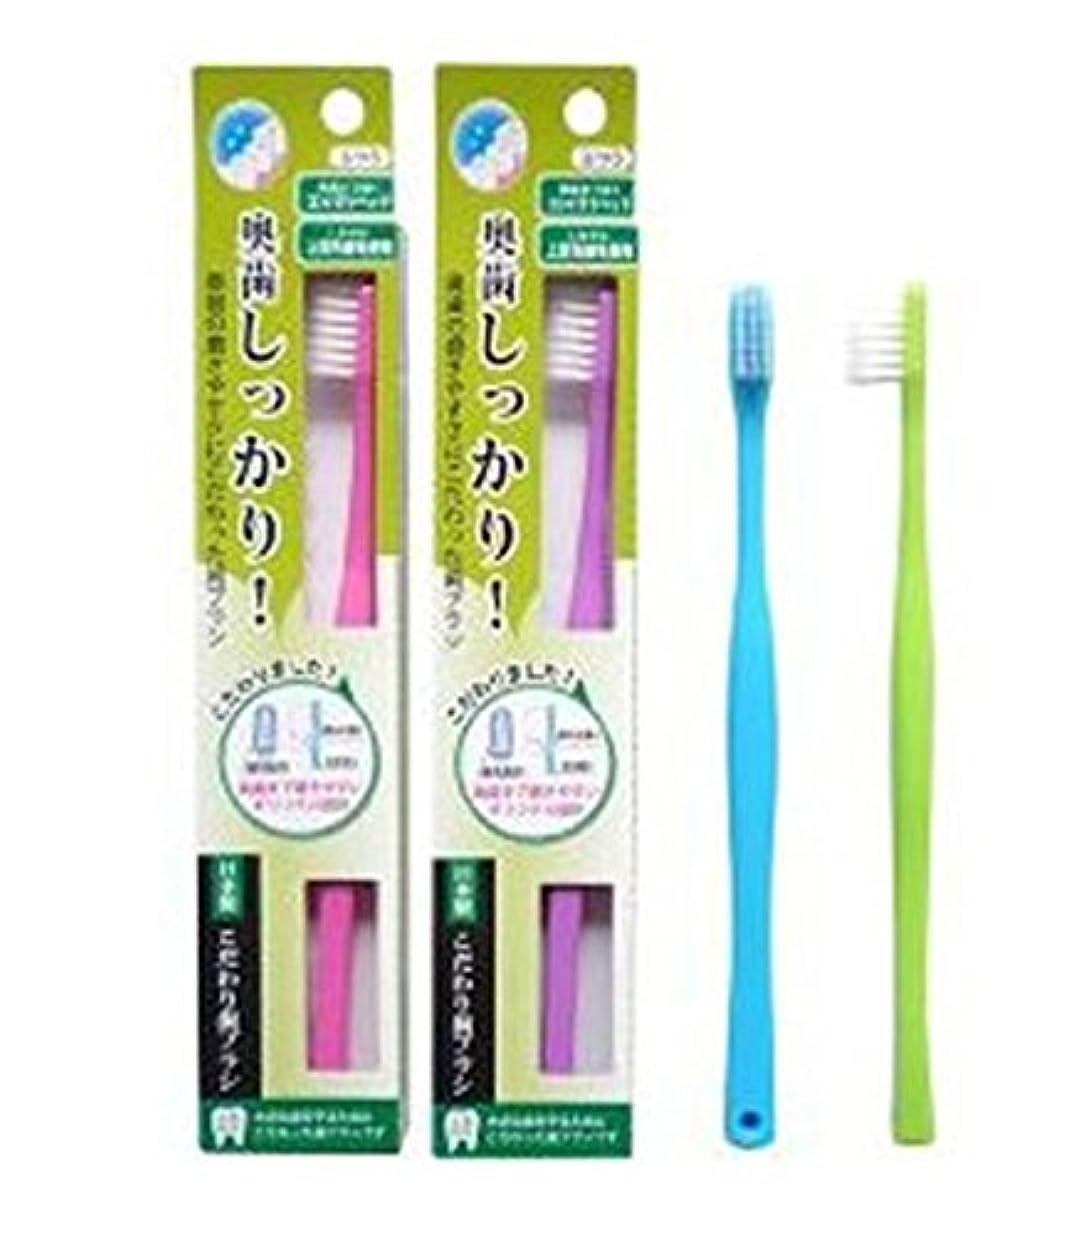 目指す支援する格納ライフレンジ 奥歯しっかりこだわり歯ブラシ 先細 12本 (ピンク4、パープル4、ブルー2、グリーン2)アソート